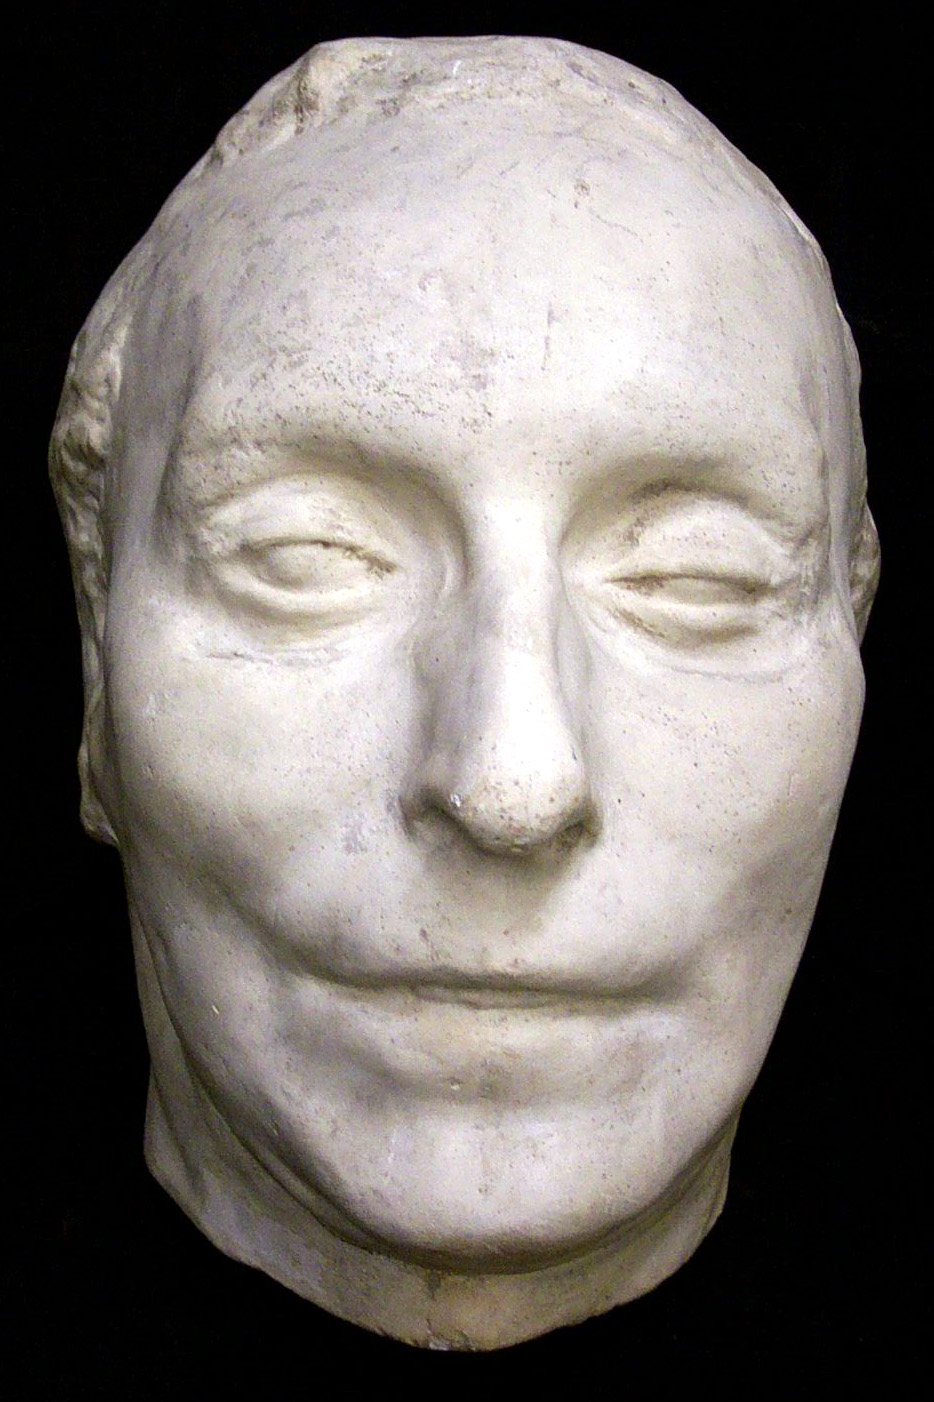 hutton d k kean edward 1787 1833